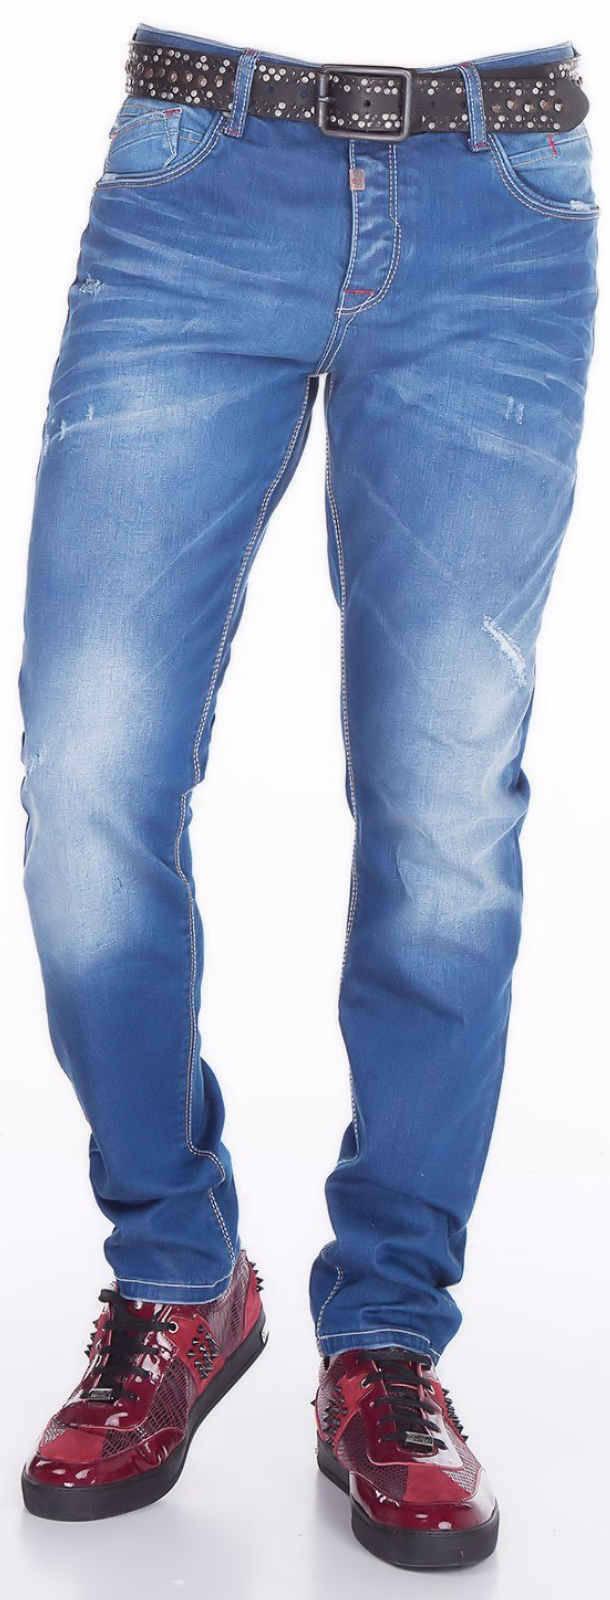 CIPO-amp-BAXX-Herren-Jeans-CD386-NEU-Hose-Slim-Fit-Enges-Bein-Denim-Stretch Indexbild 8